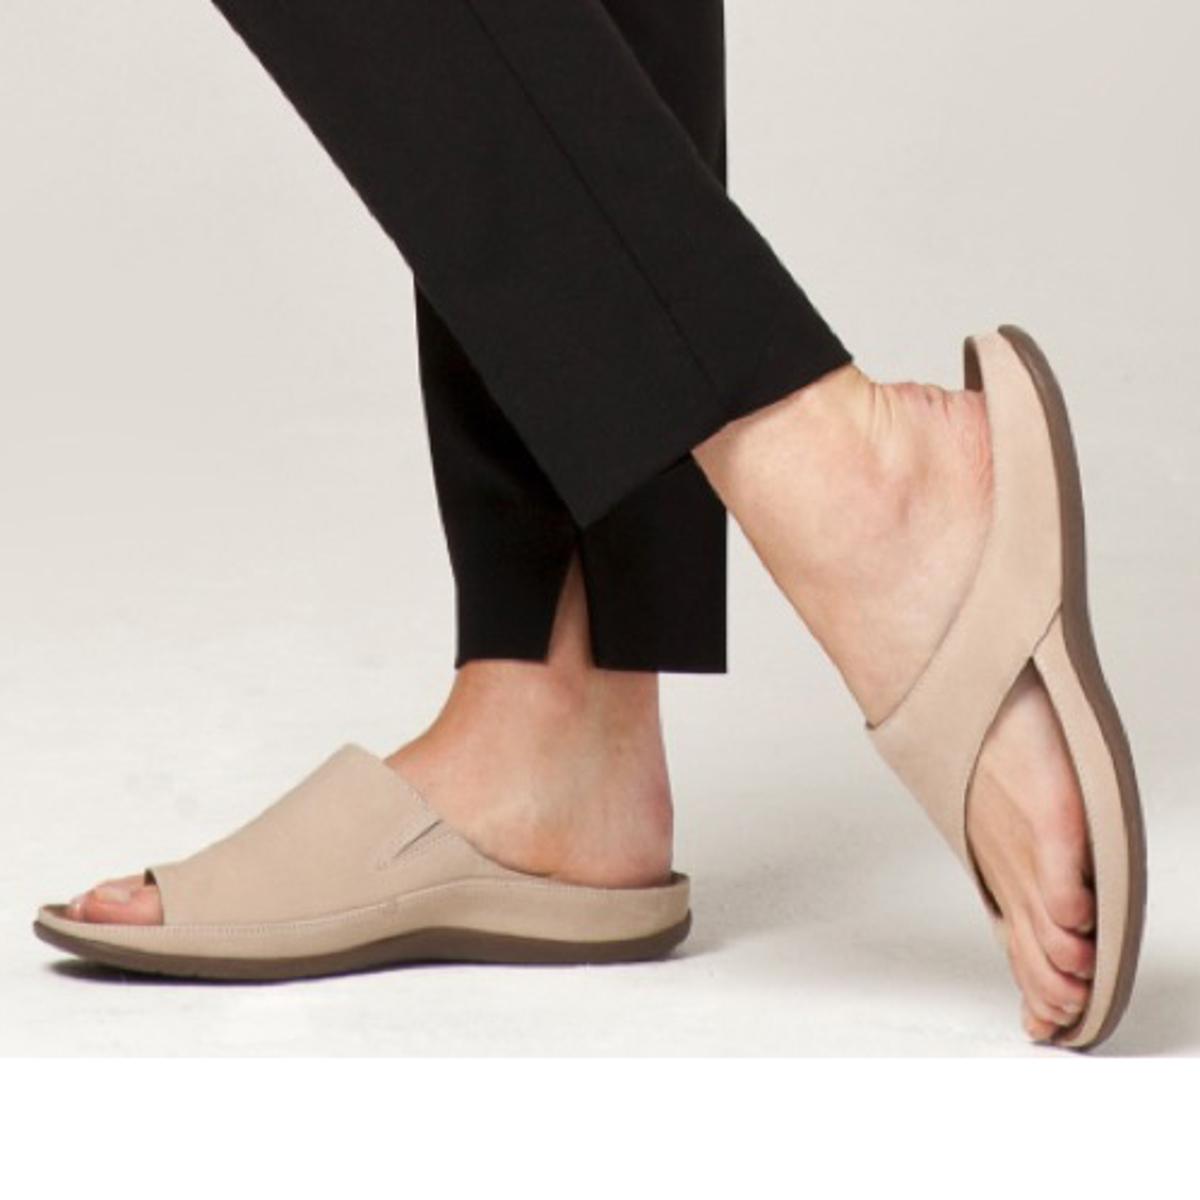 スニーカー感覚で歩き回れる「サンダル」|CAPRIマイクロファイバーインソール (24-24.5cm) 独自開発の立体インソールで、スニーカーみたいに歩き回れる「サンダル」